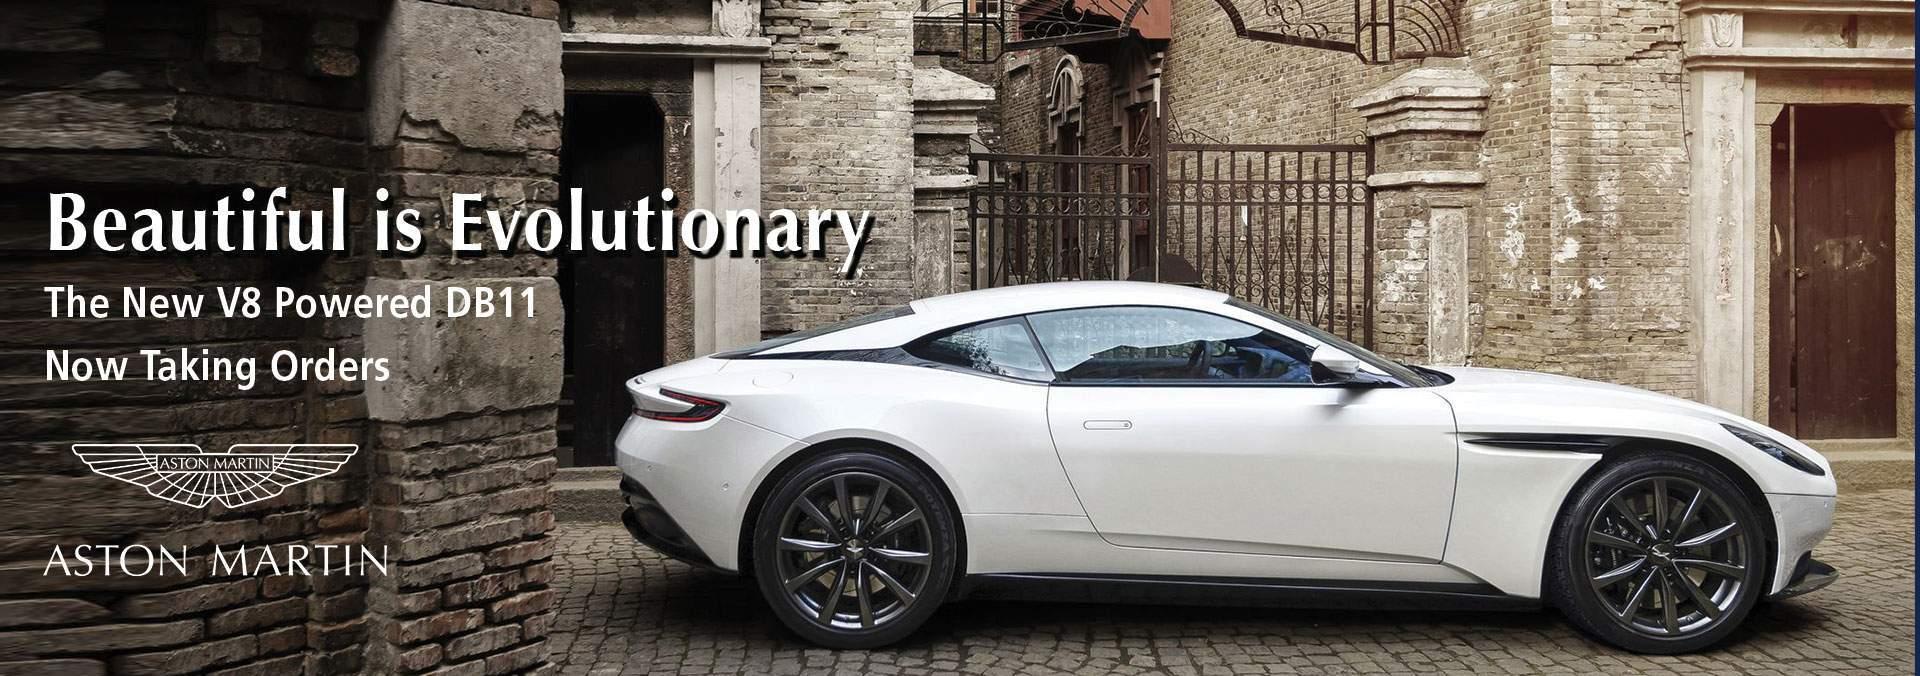 Aston Martin Ferrari Maserati Porsche Dealership